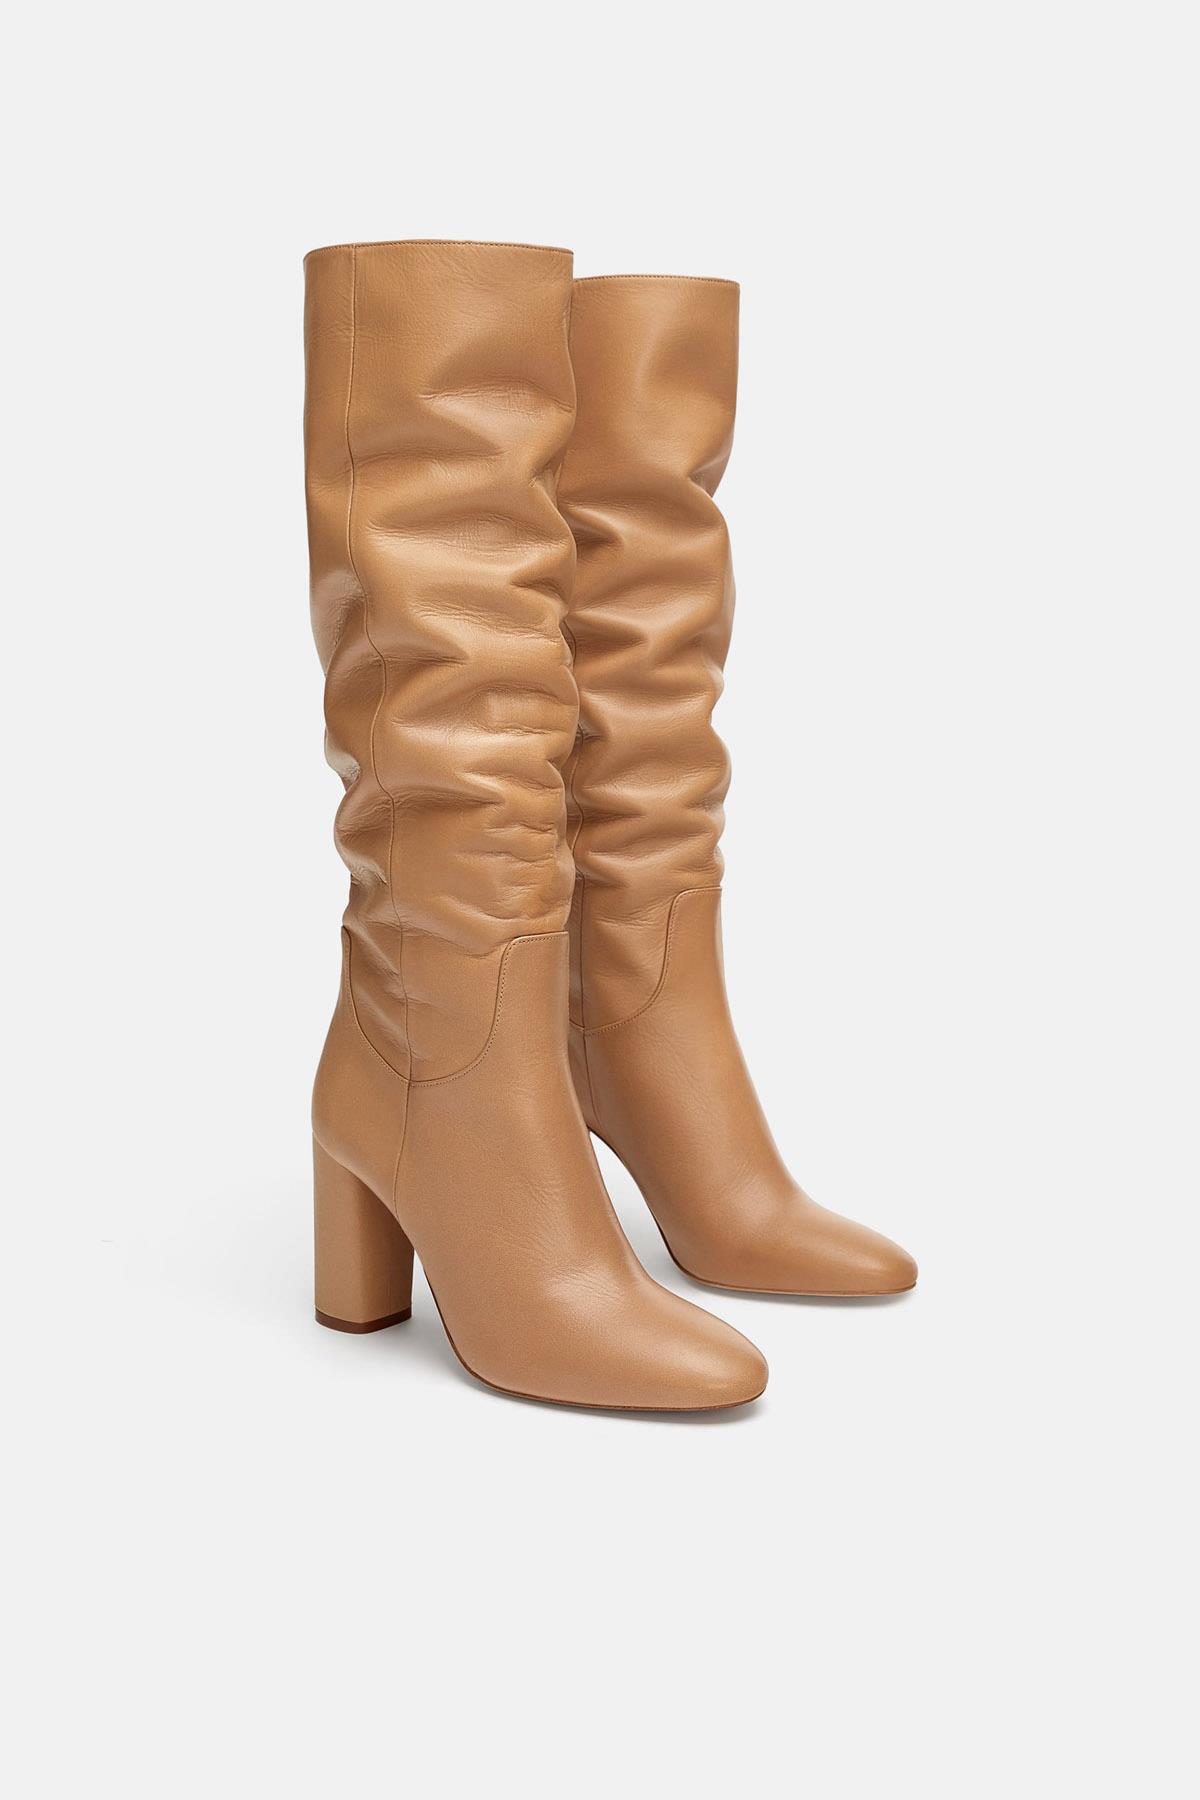 e1ec9017 Botas altas de mujer: las más de moda del 2019 - InStyle